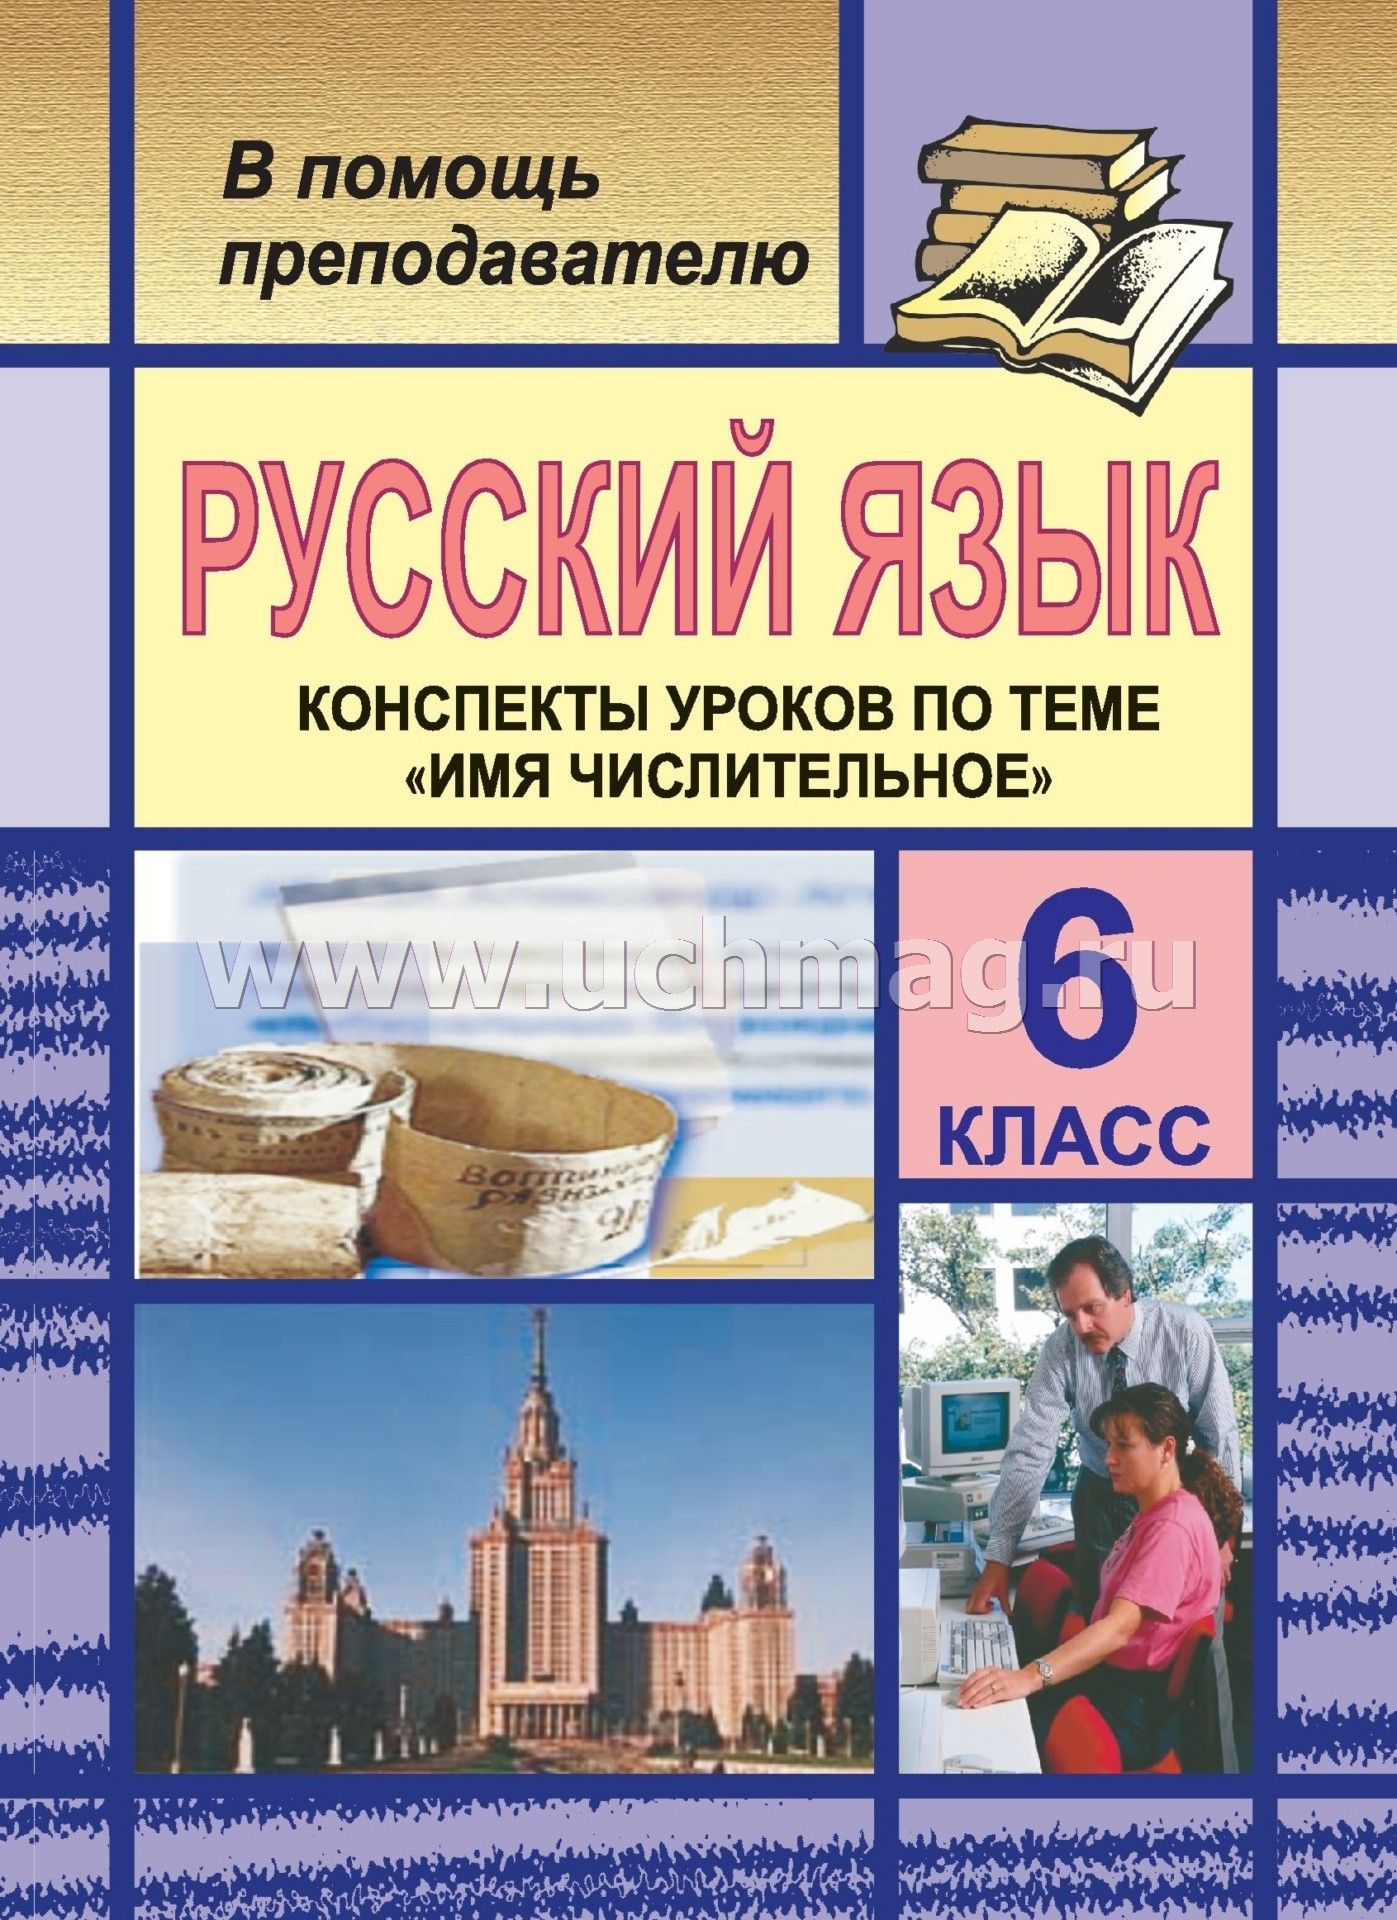 Русский язык класс конспекты уроков по теме Имя числительное  6 класс конспекты уроков по теме Имя числительное